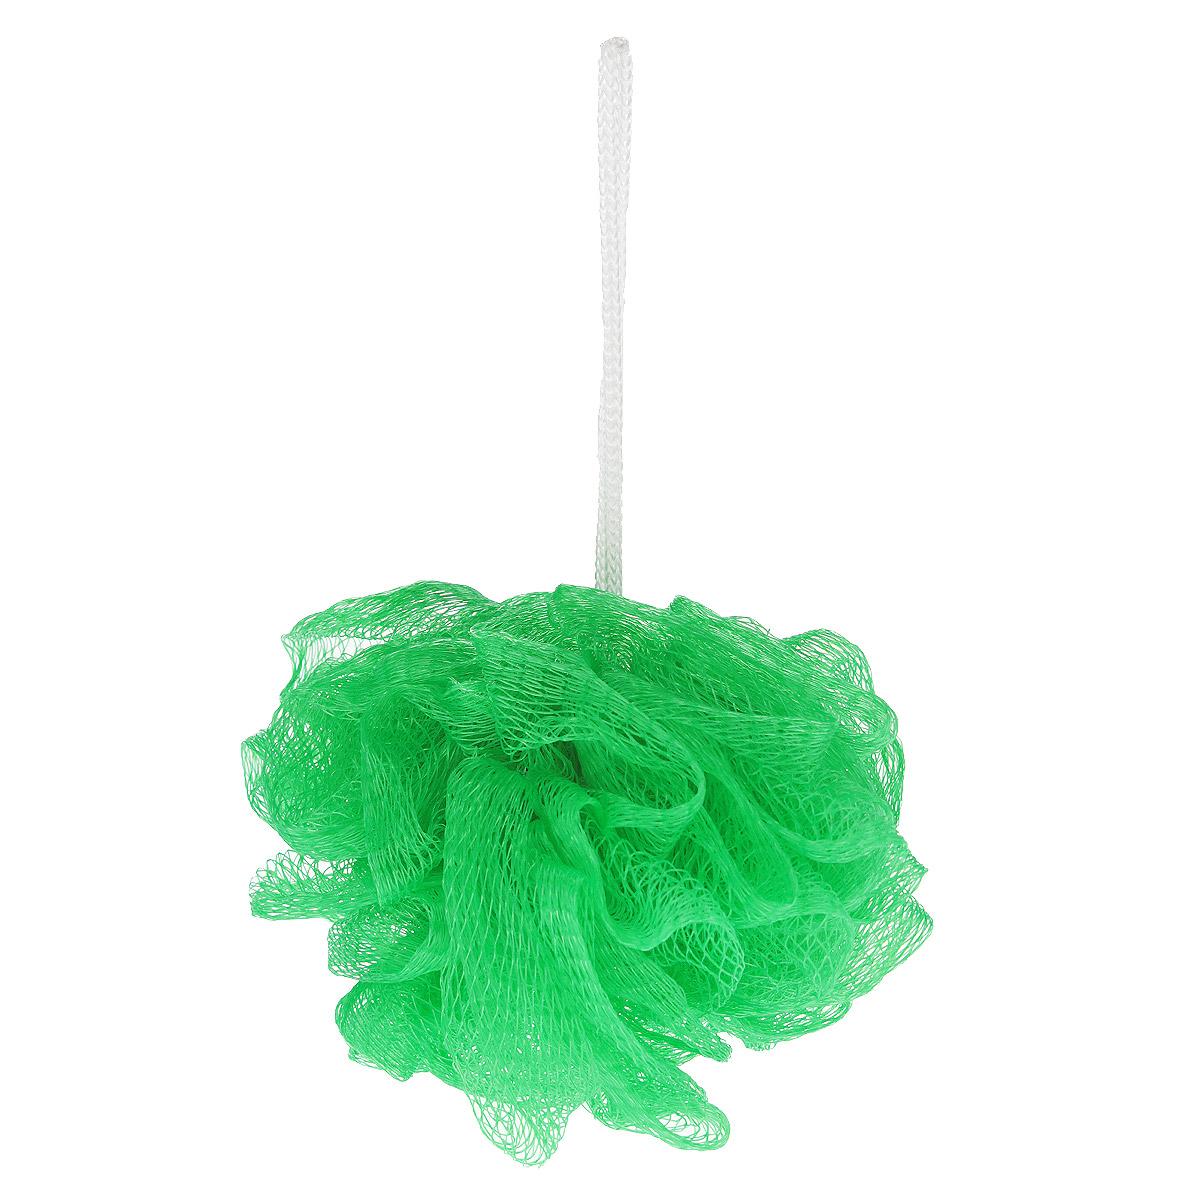 Мочалка Eva Бантик, цвет: зеленый, диаметр 11 смМС45 зеленыйМочалка Eva Бантик, выполненная из нейлона, предназначена для мягкого очищения кожи. Она станет незаменимым аксессуаром ванной комнаты. Мочалка отлично пенится, обладает легким массажным воздействием, идеально подходит для нежной и чувствительной кожи. На мочалке имеется удобная петля для подвешивания. Диаметр: 11 см.